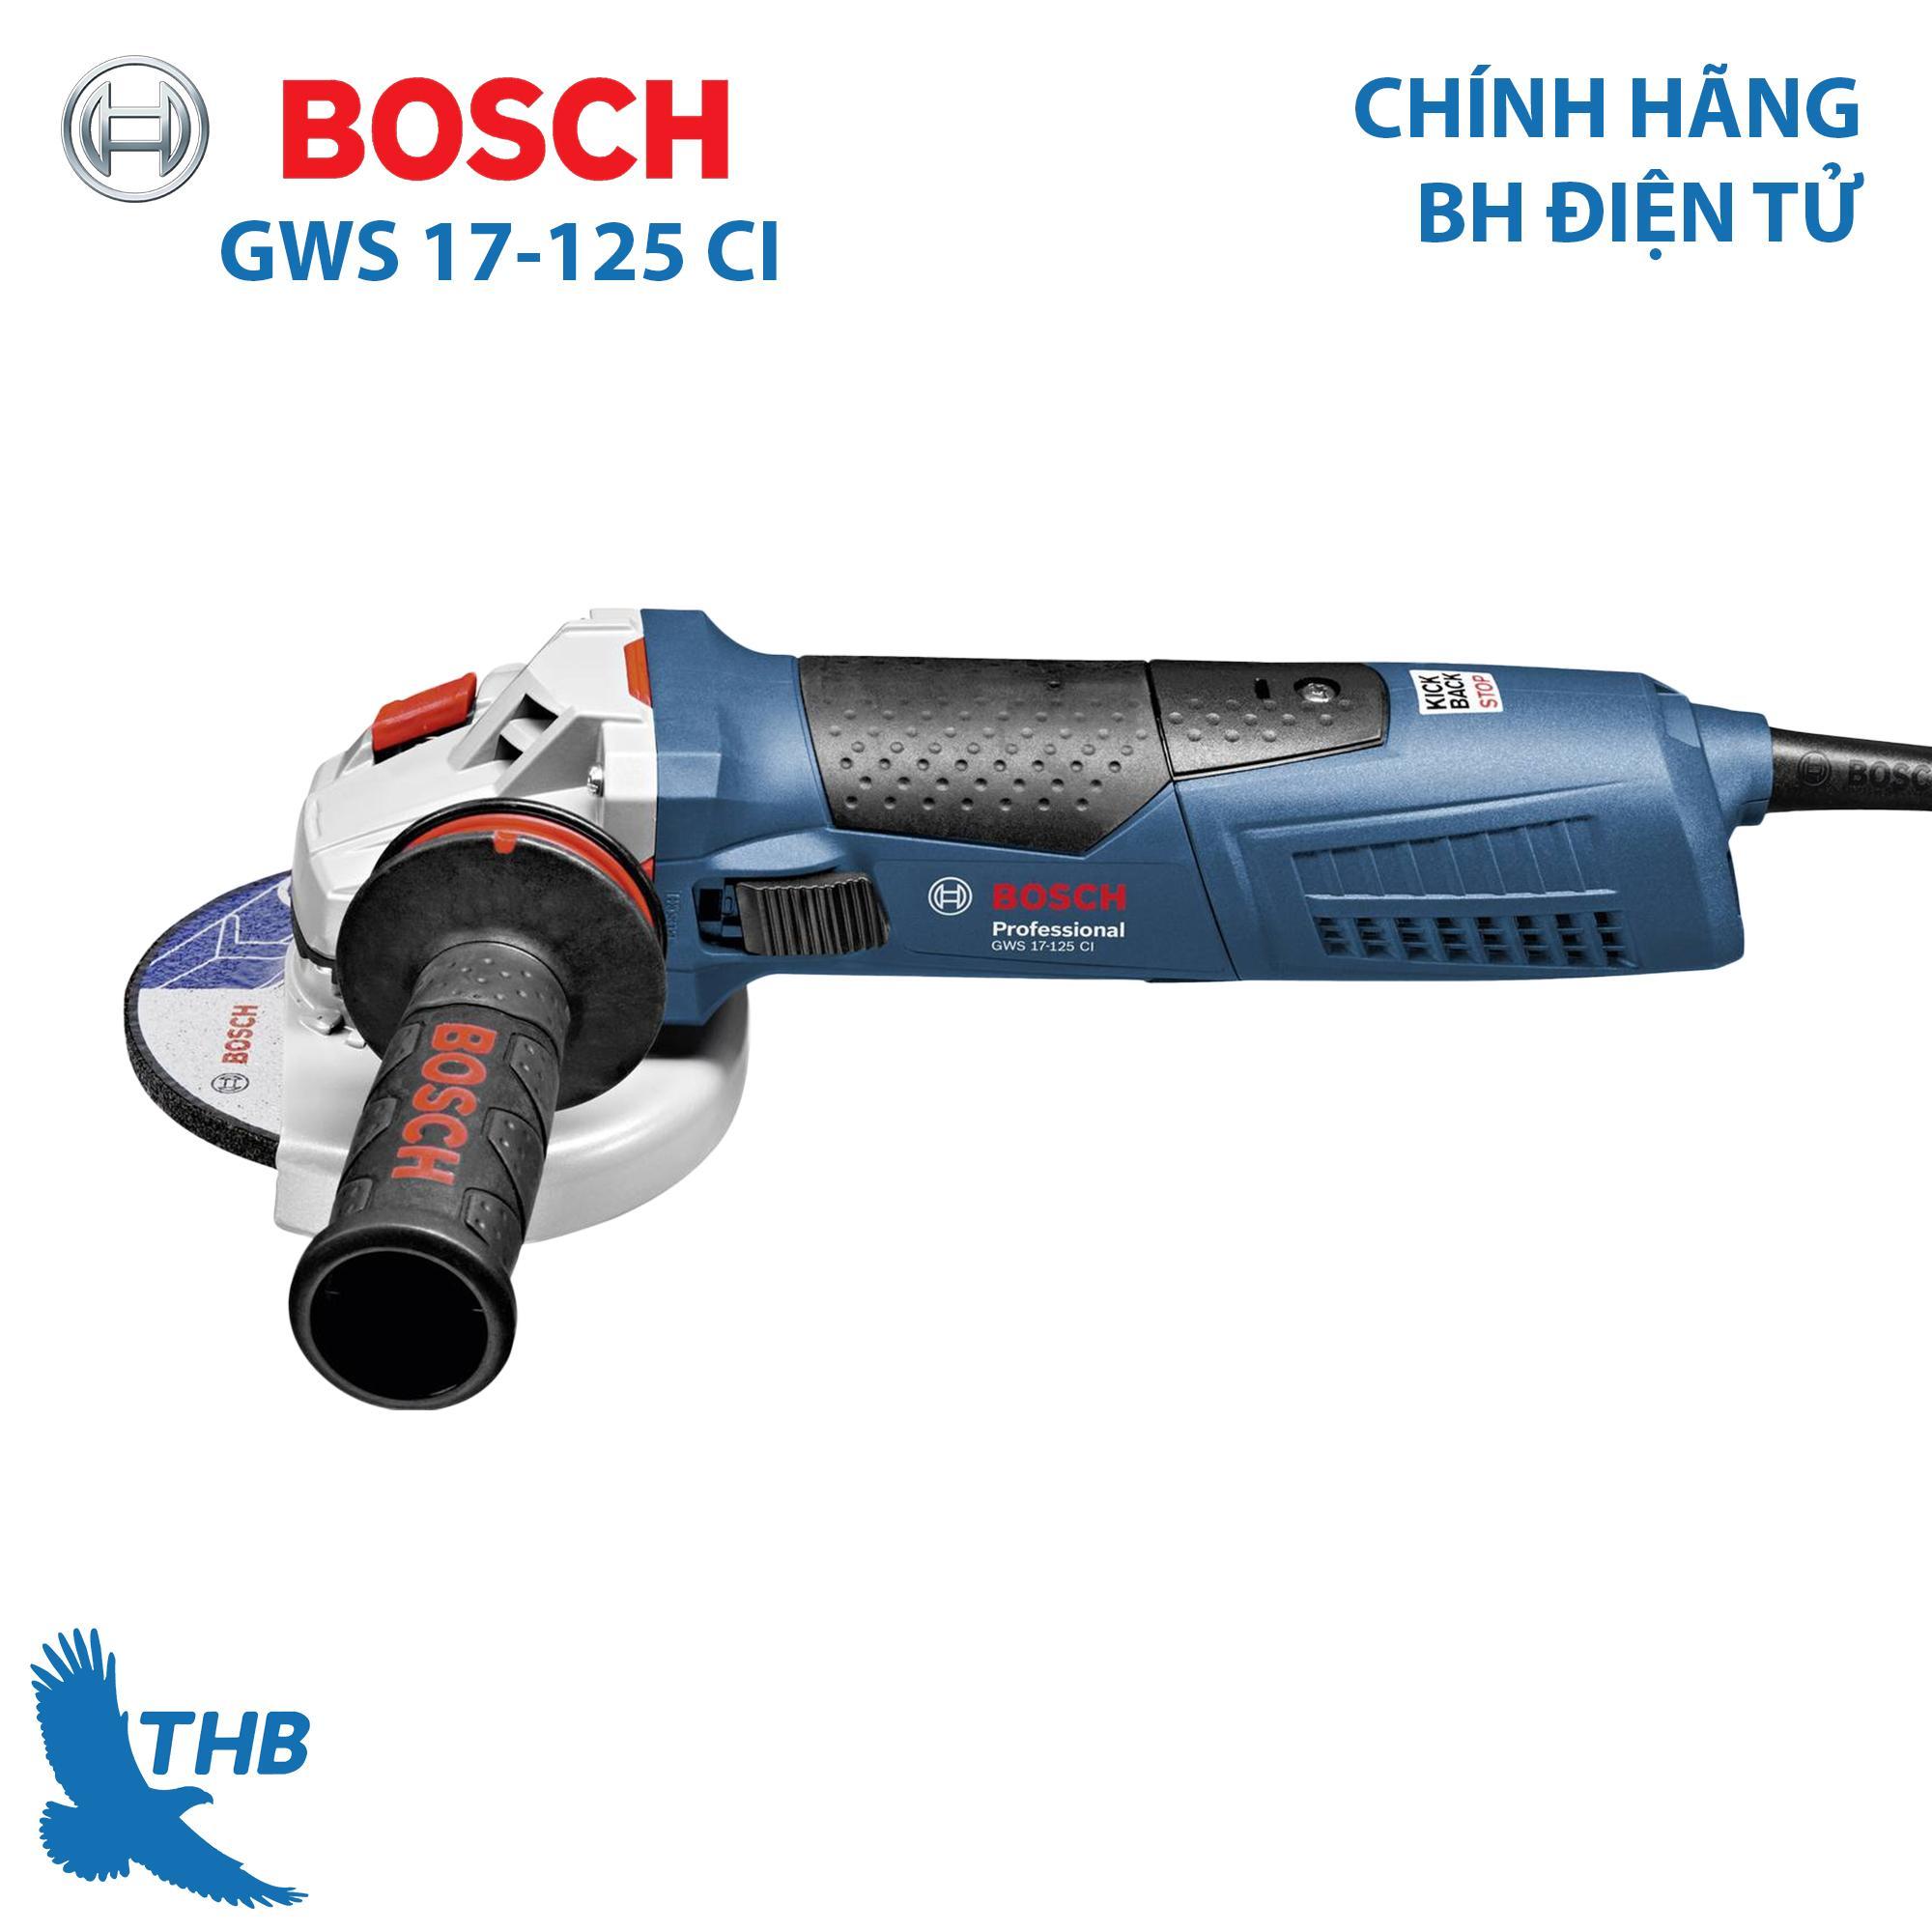 Máy mài góc nhỏ Máy mài góc cầm tay Bosch GWS 17-125 CI Công suất 1700W Đĩa mài 125mm Bảo hành 6 tháng